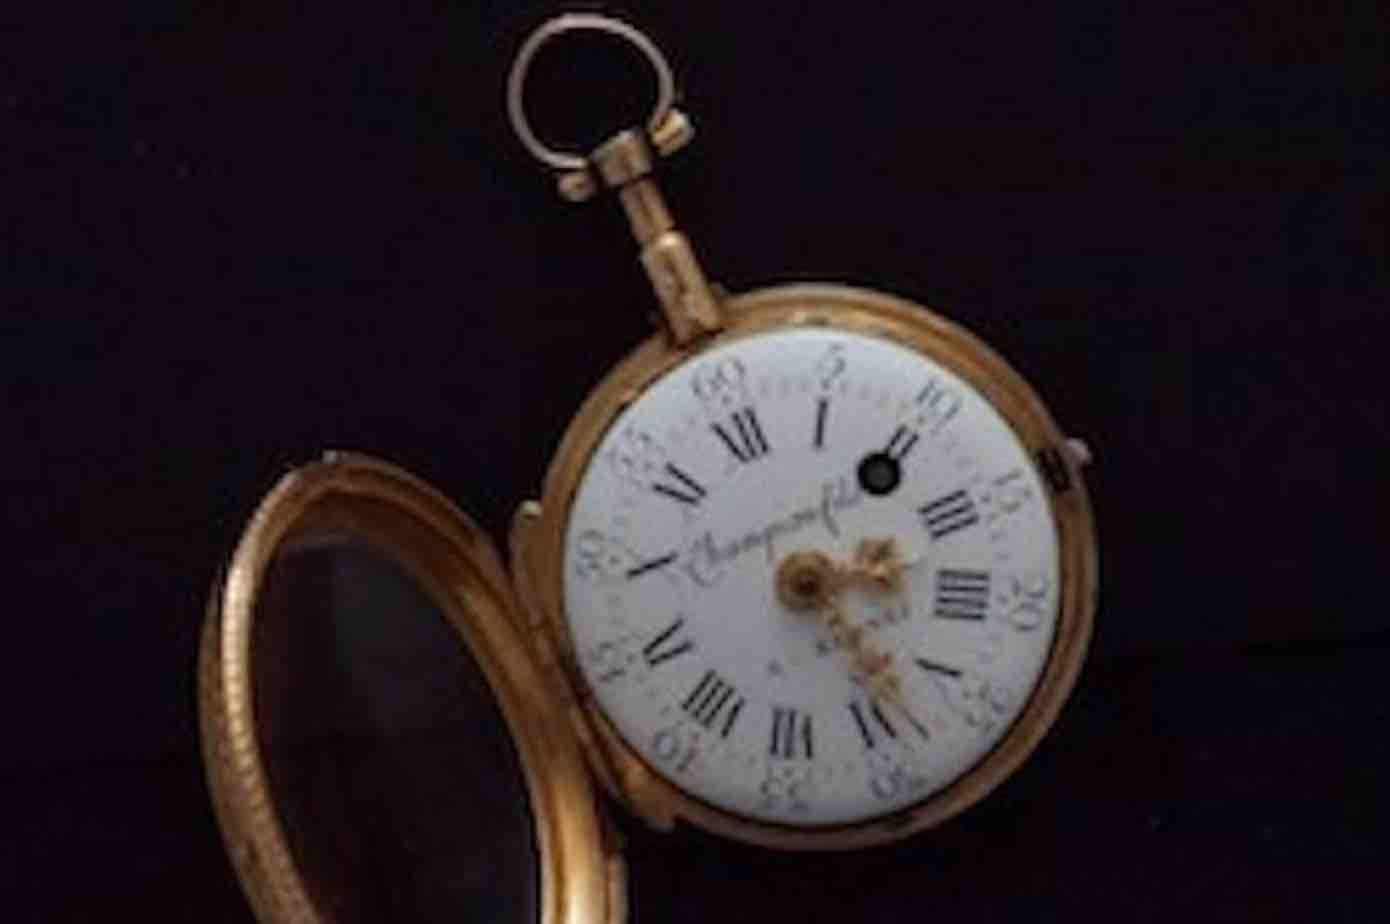 achat montre a gousset en or XIXeme